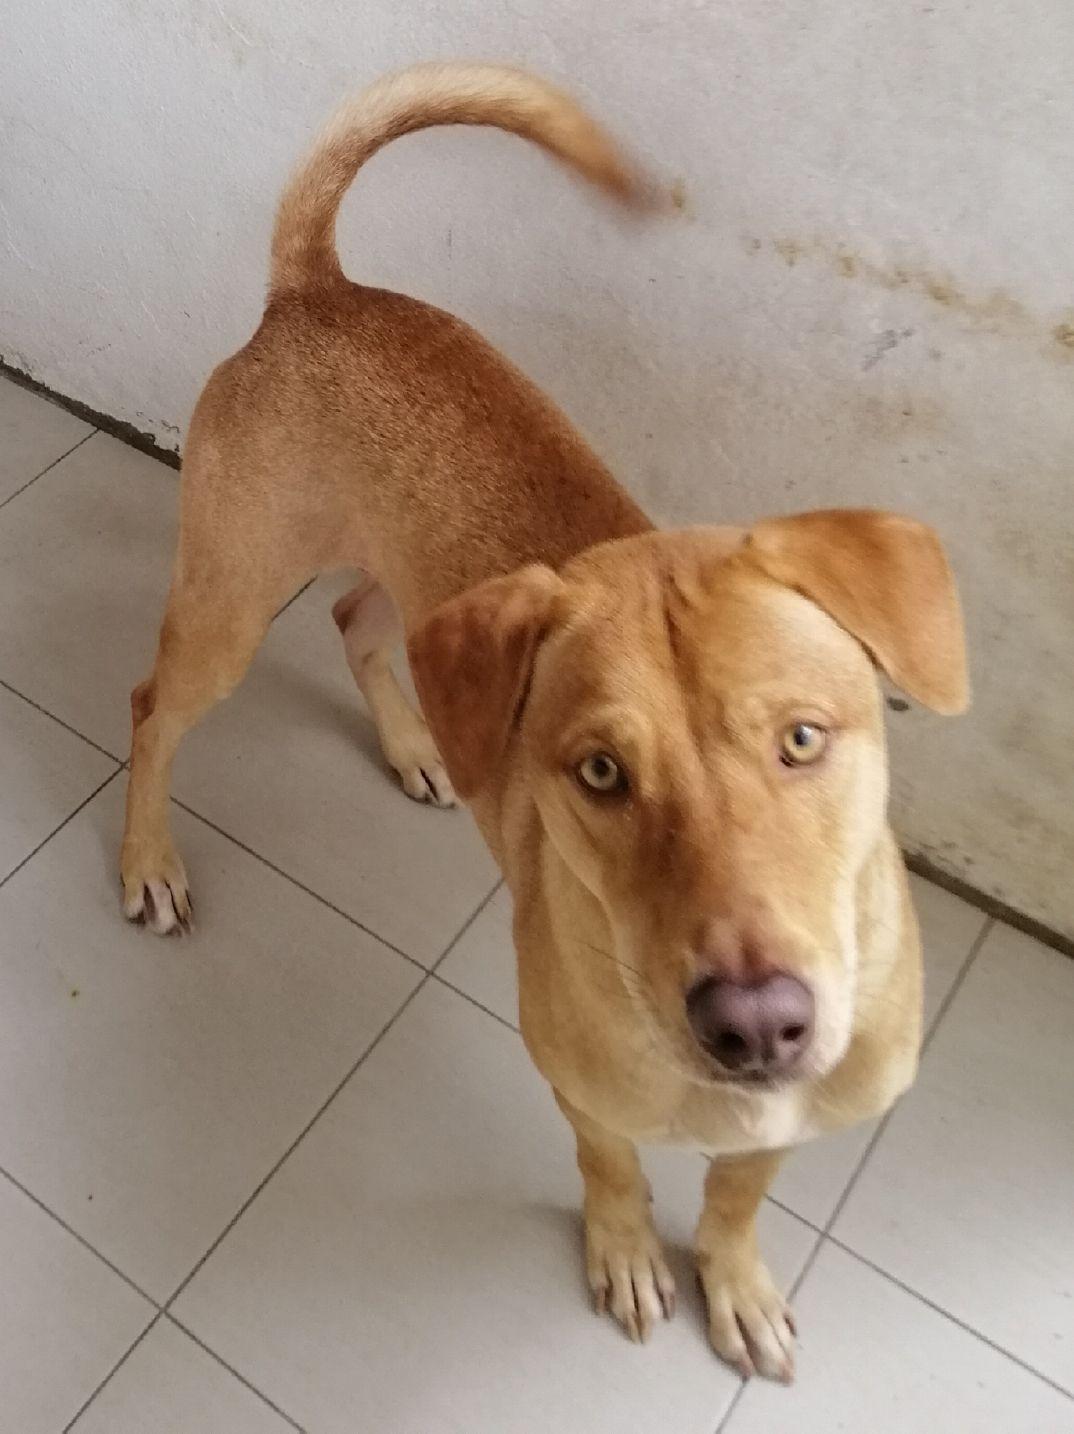 Photo: SPCA Penang/Lily Leng